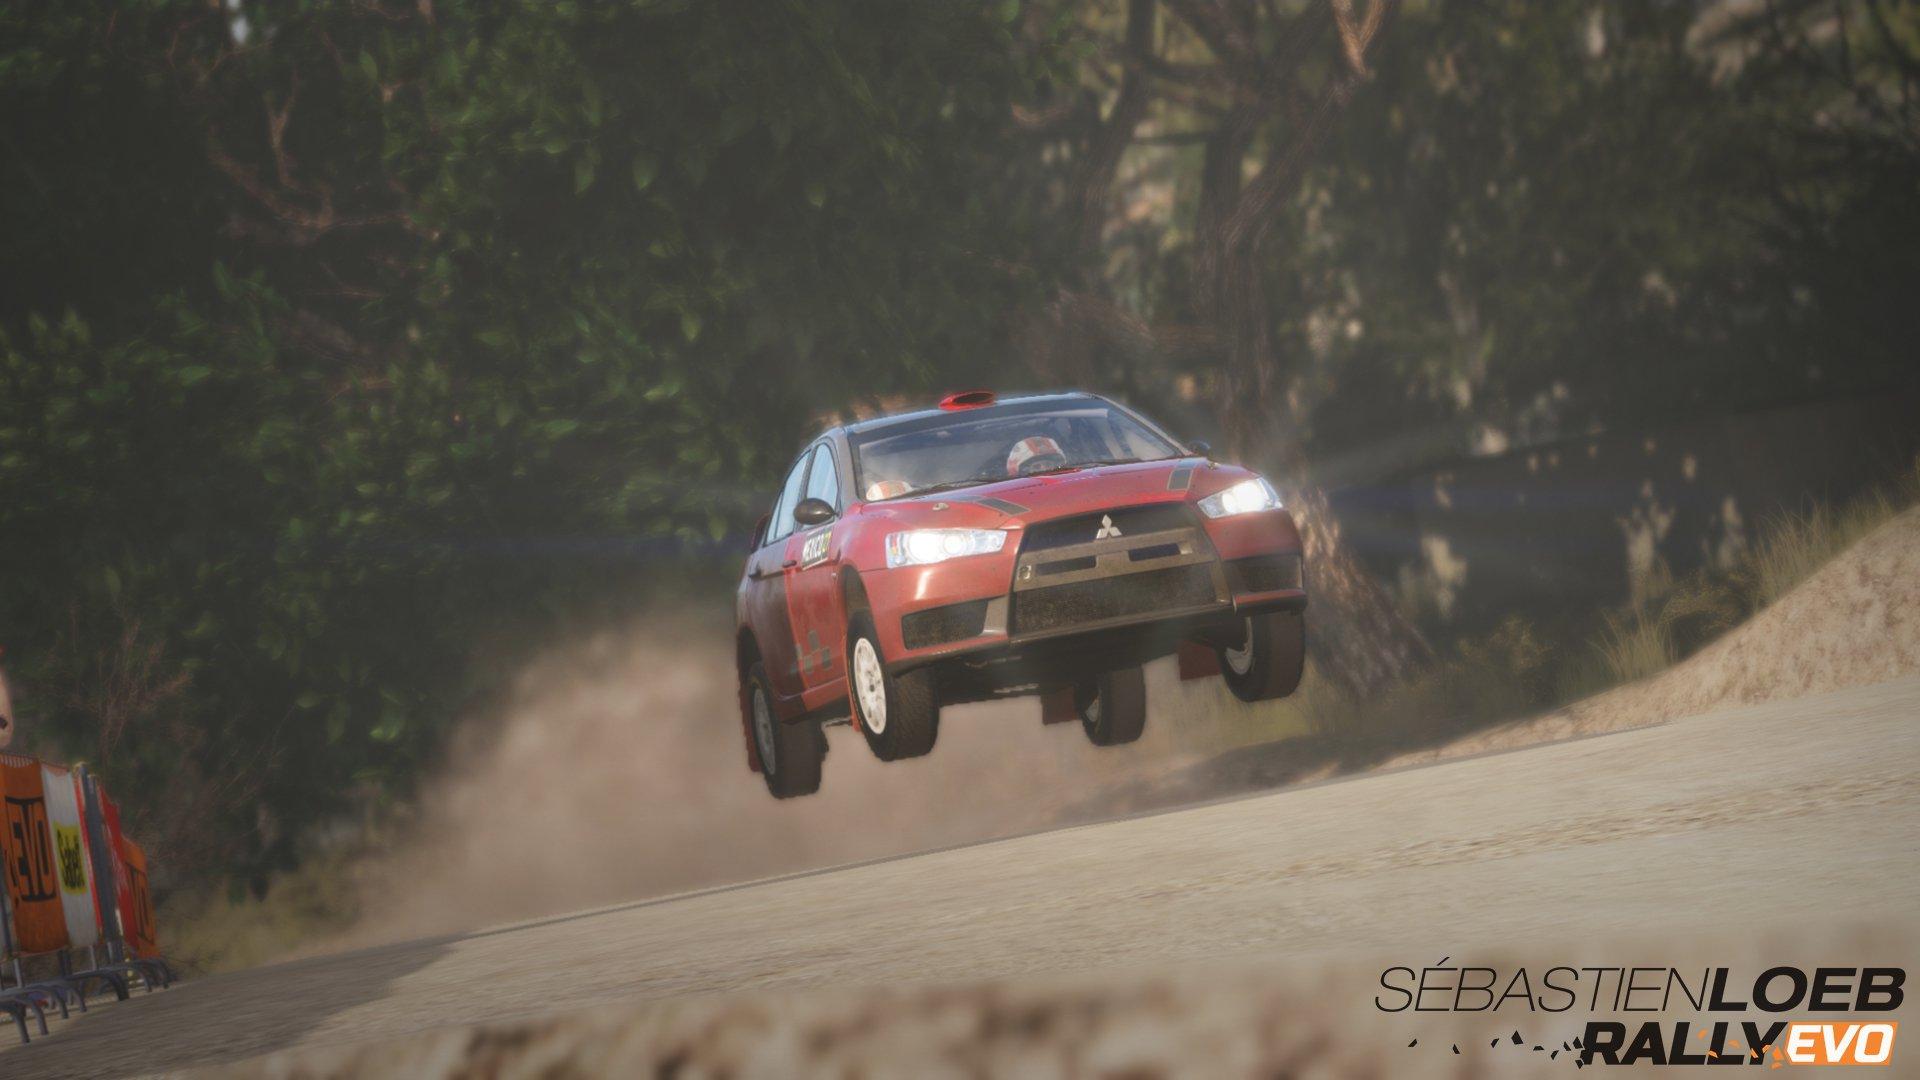 Sébastien Loeb Rally EVO 7